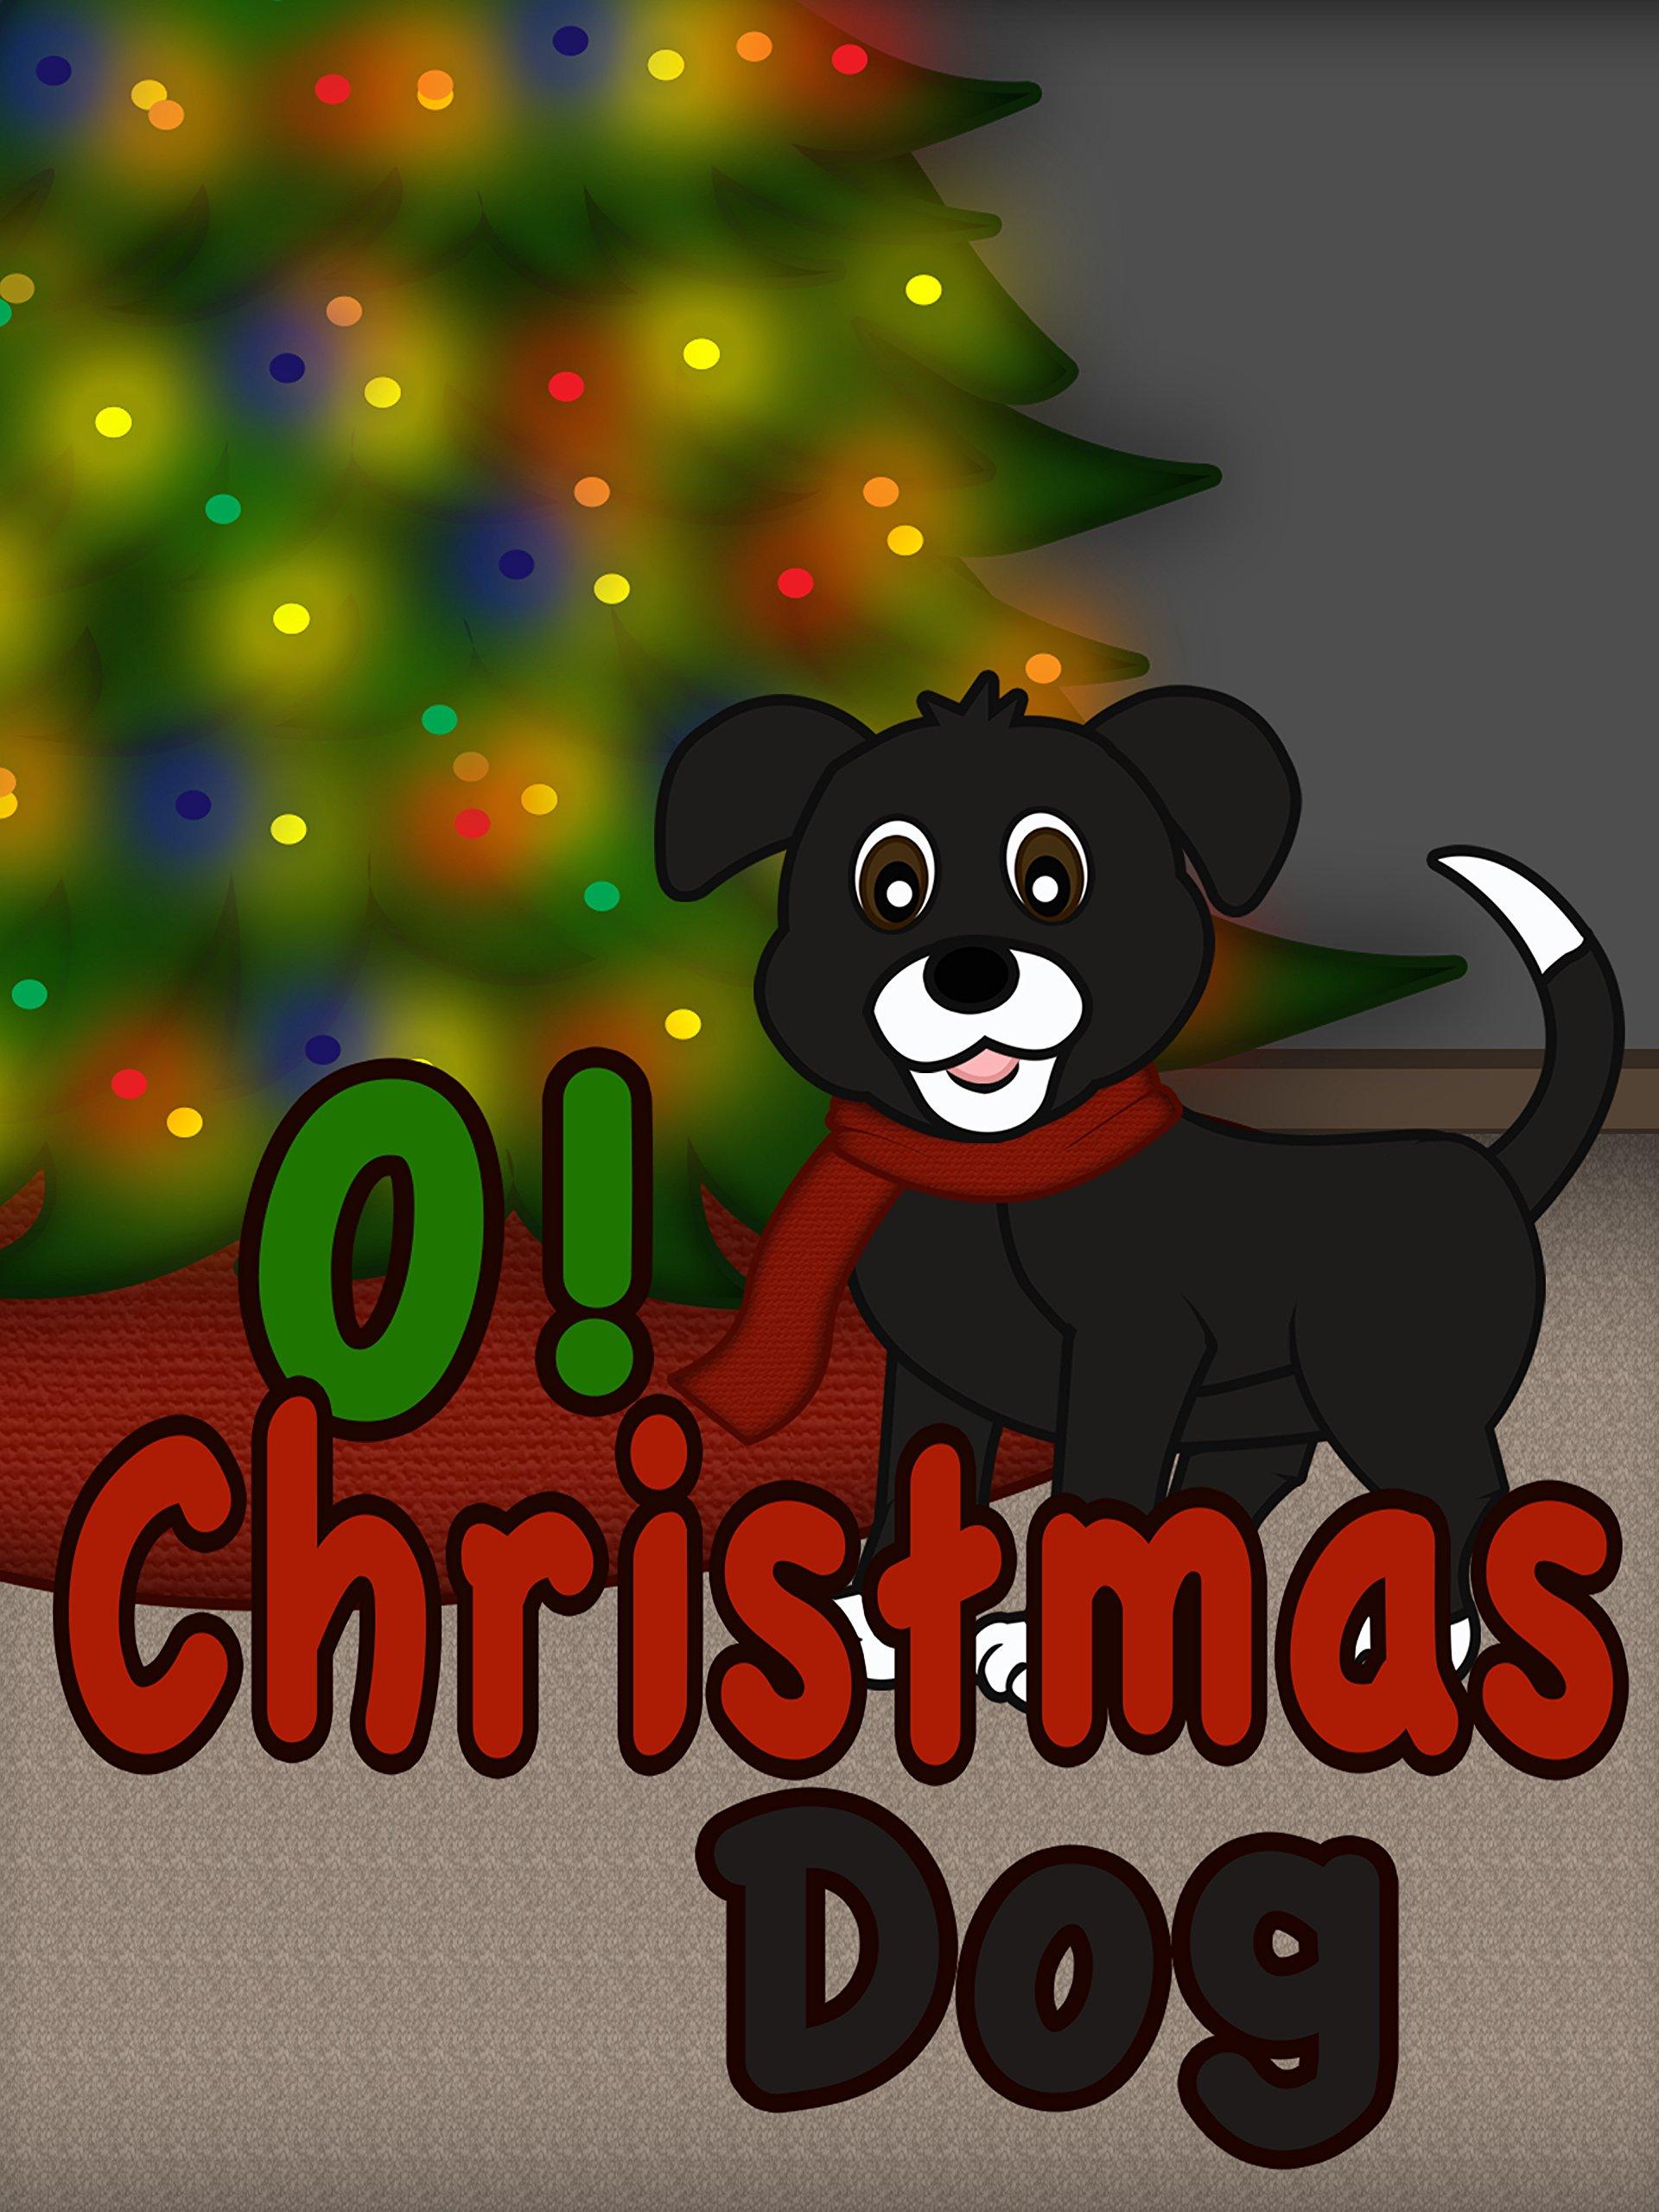 O Christmas Dog